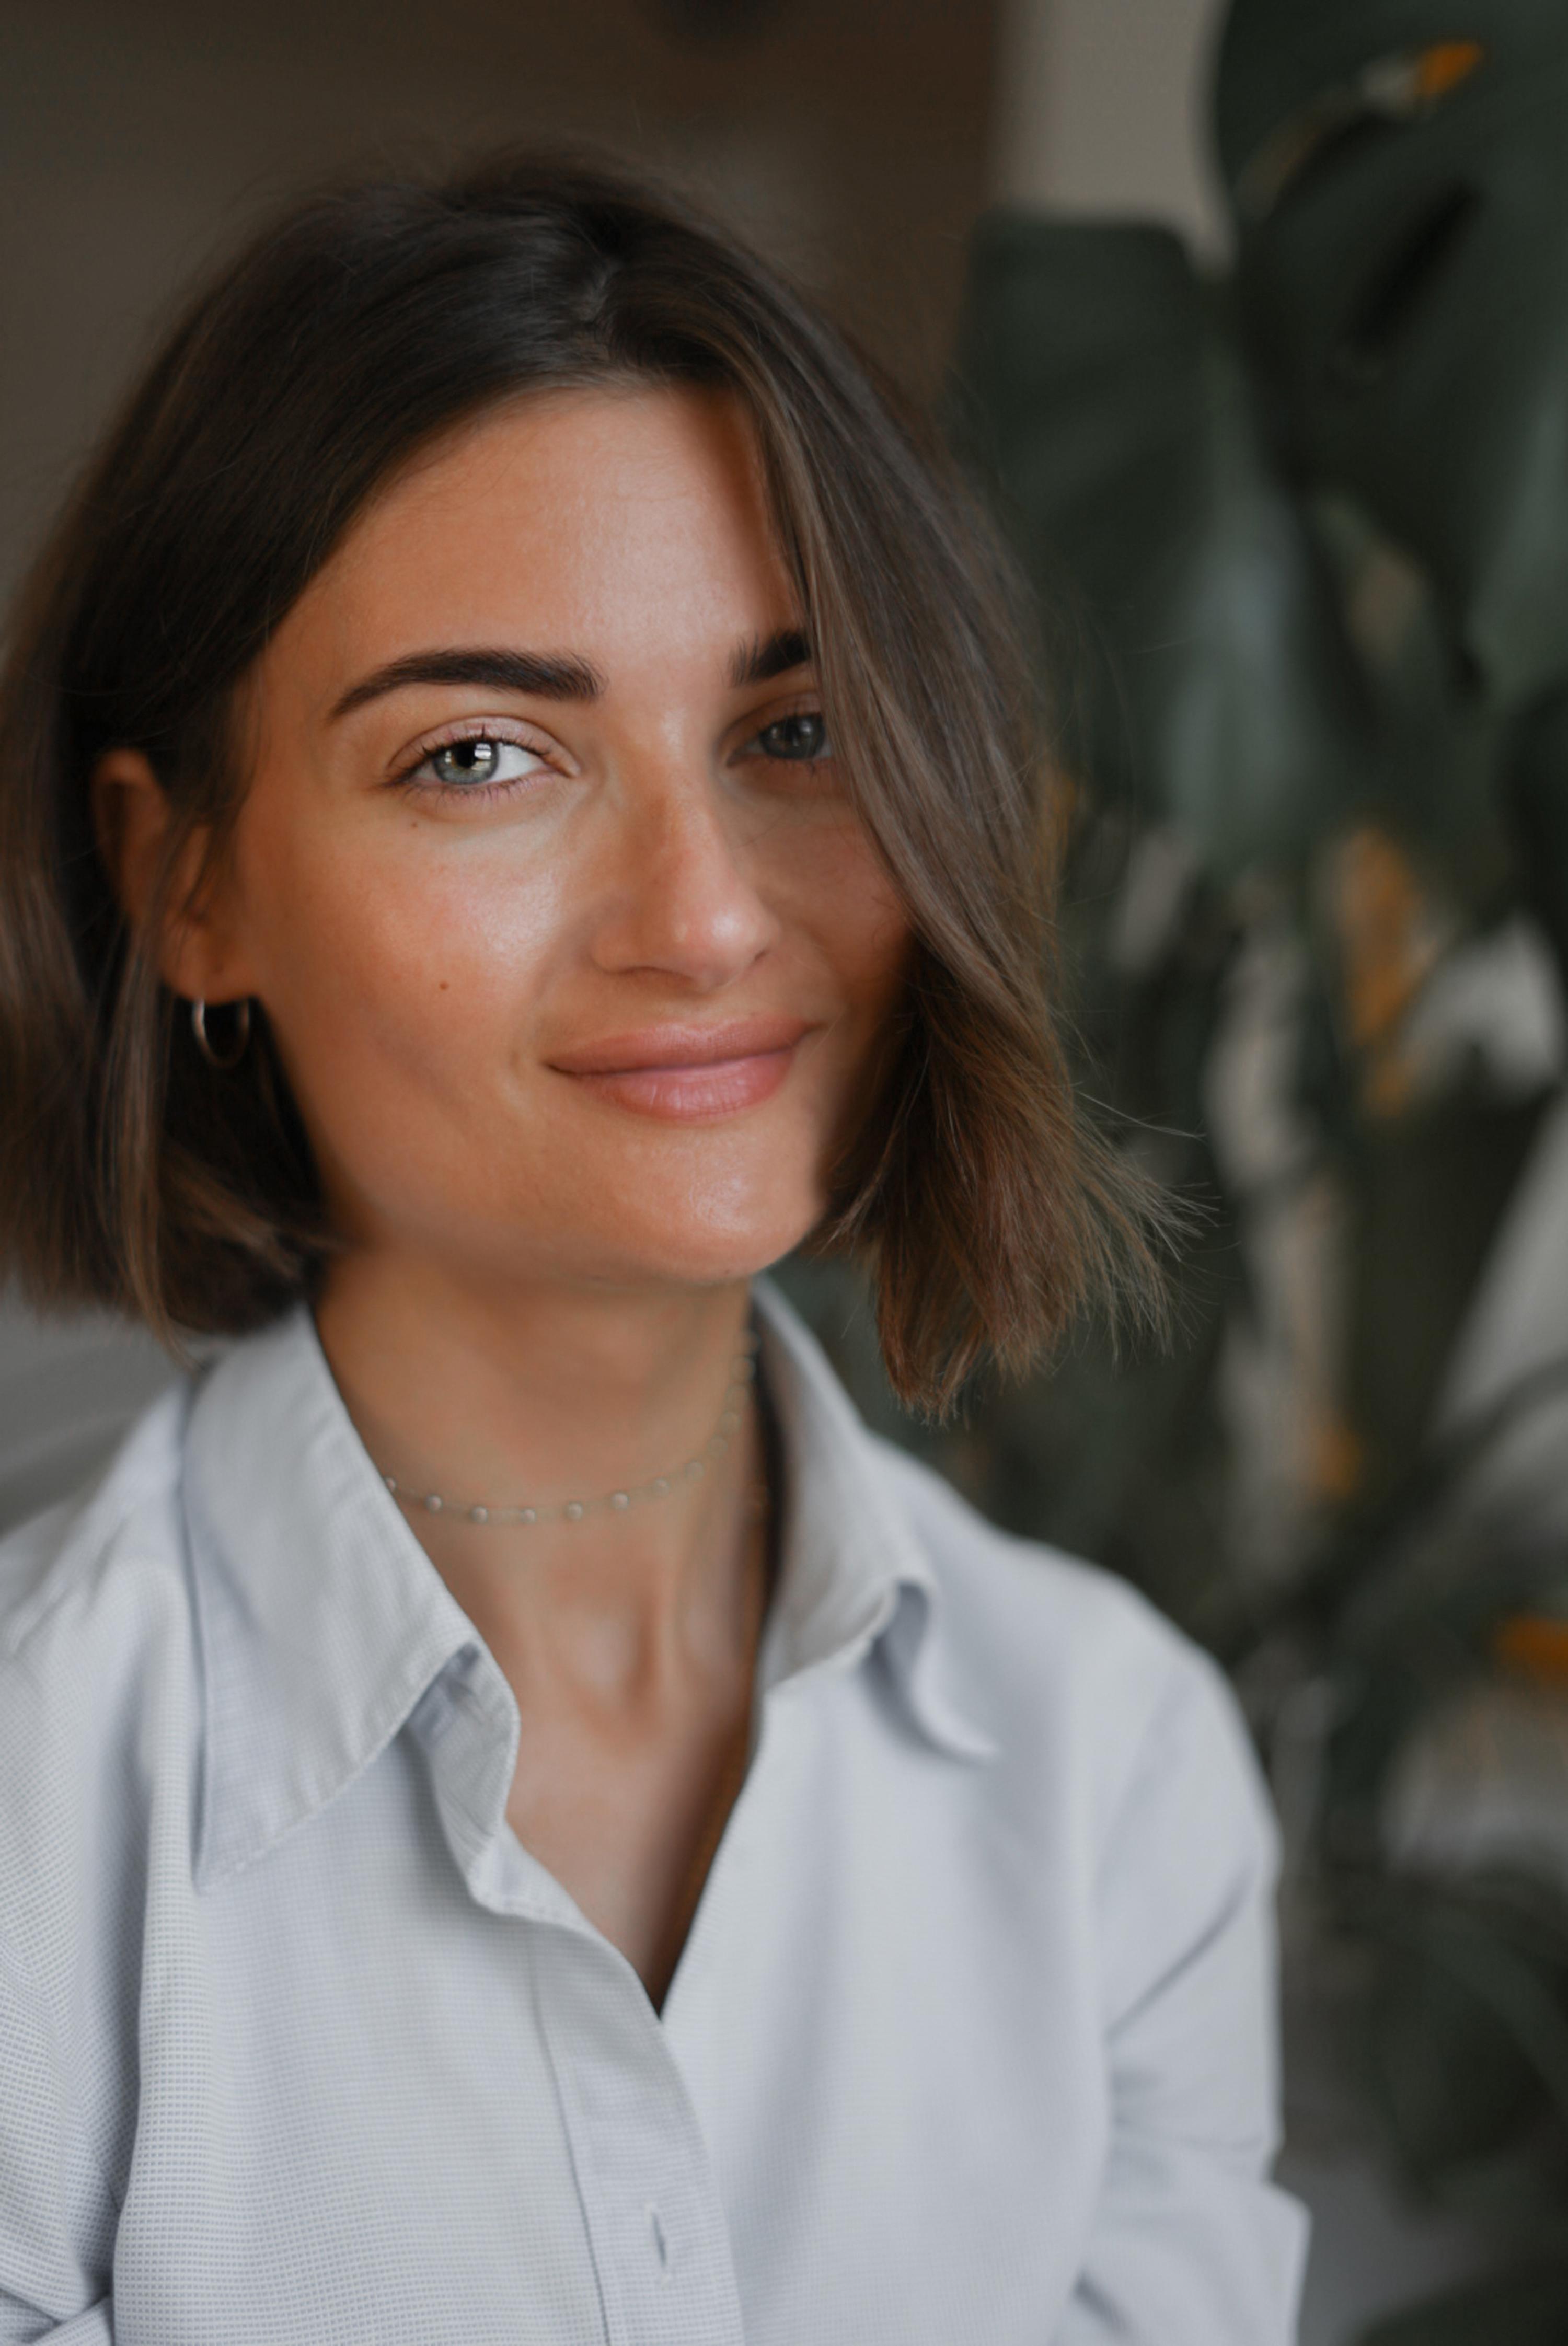 Portrait image of Zoe, the founder of Studio Zo